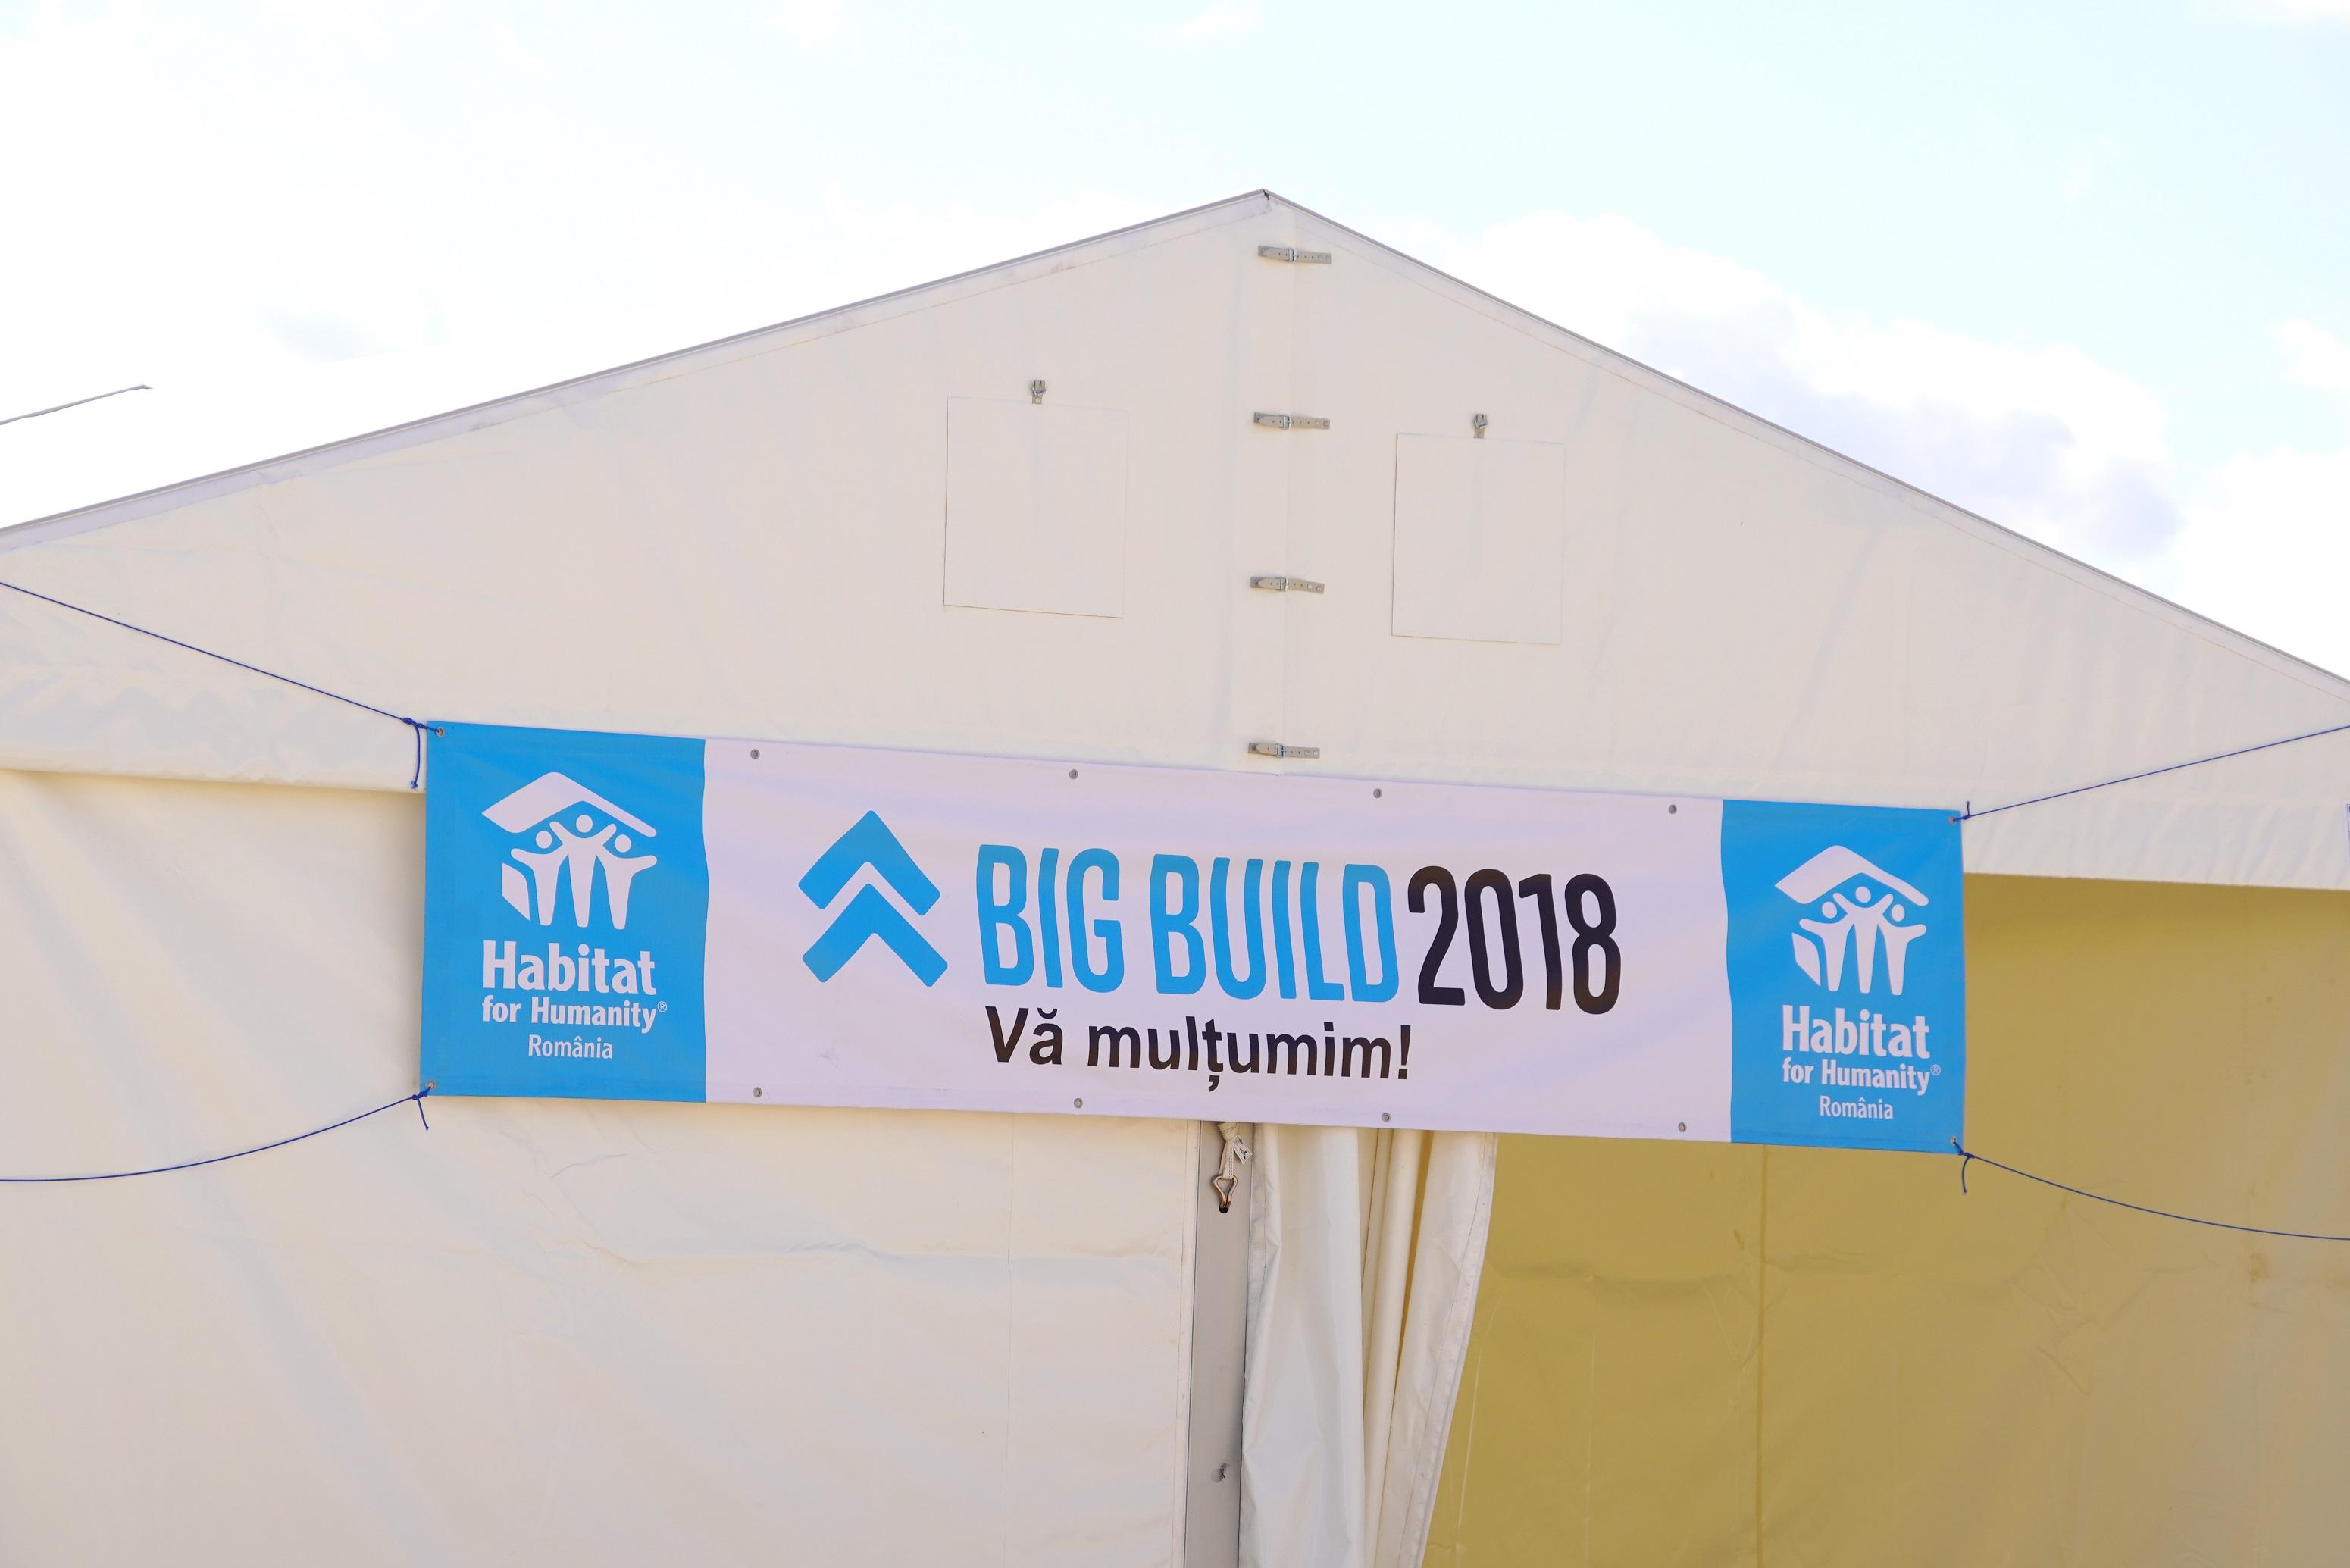 Ariston continuă să sprijine proiectul BIG BUILD 2018  prin donarea de centrale termice